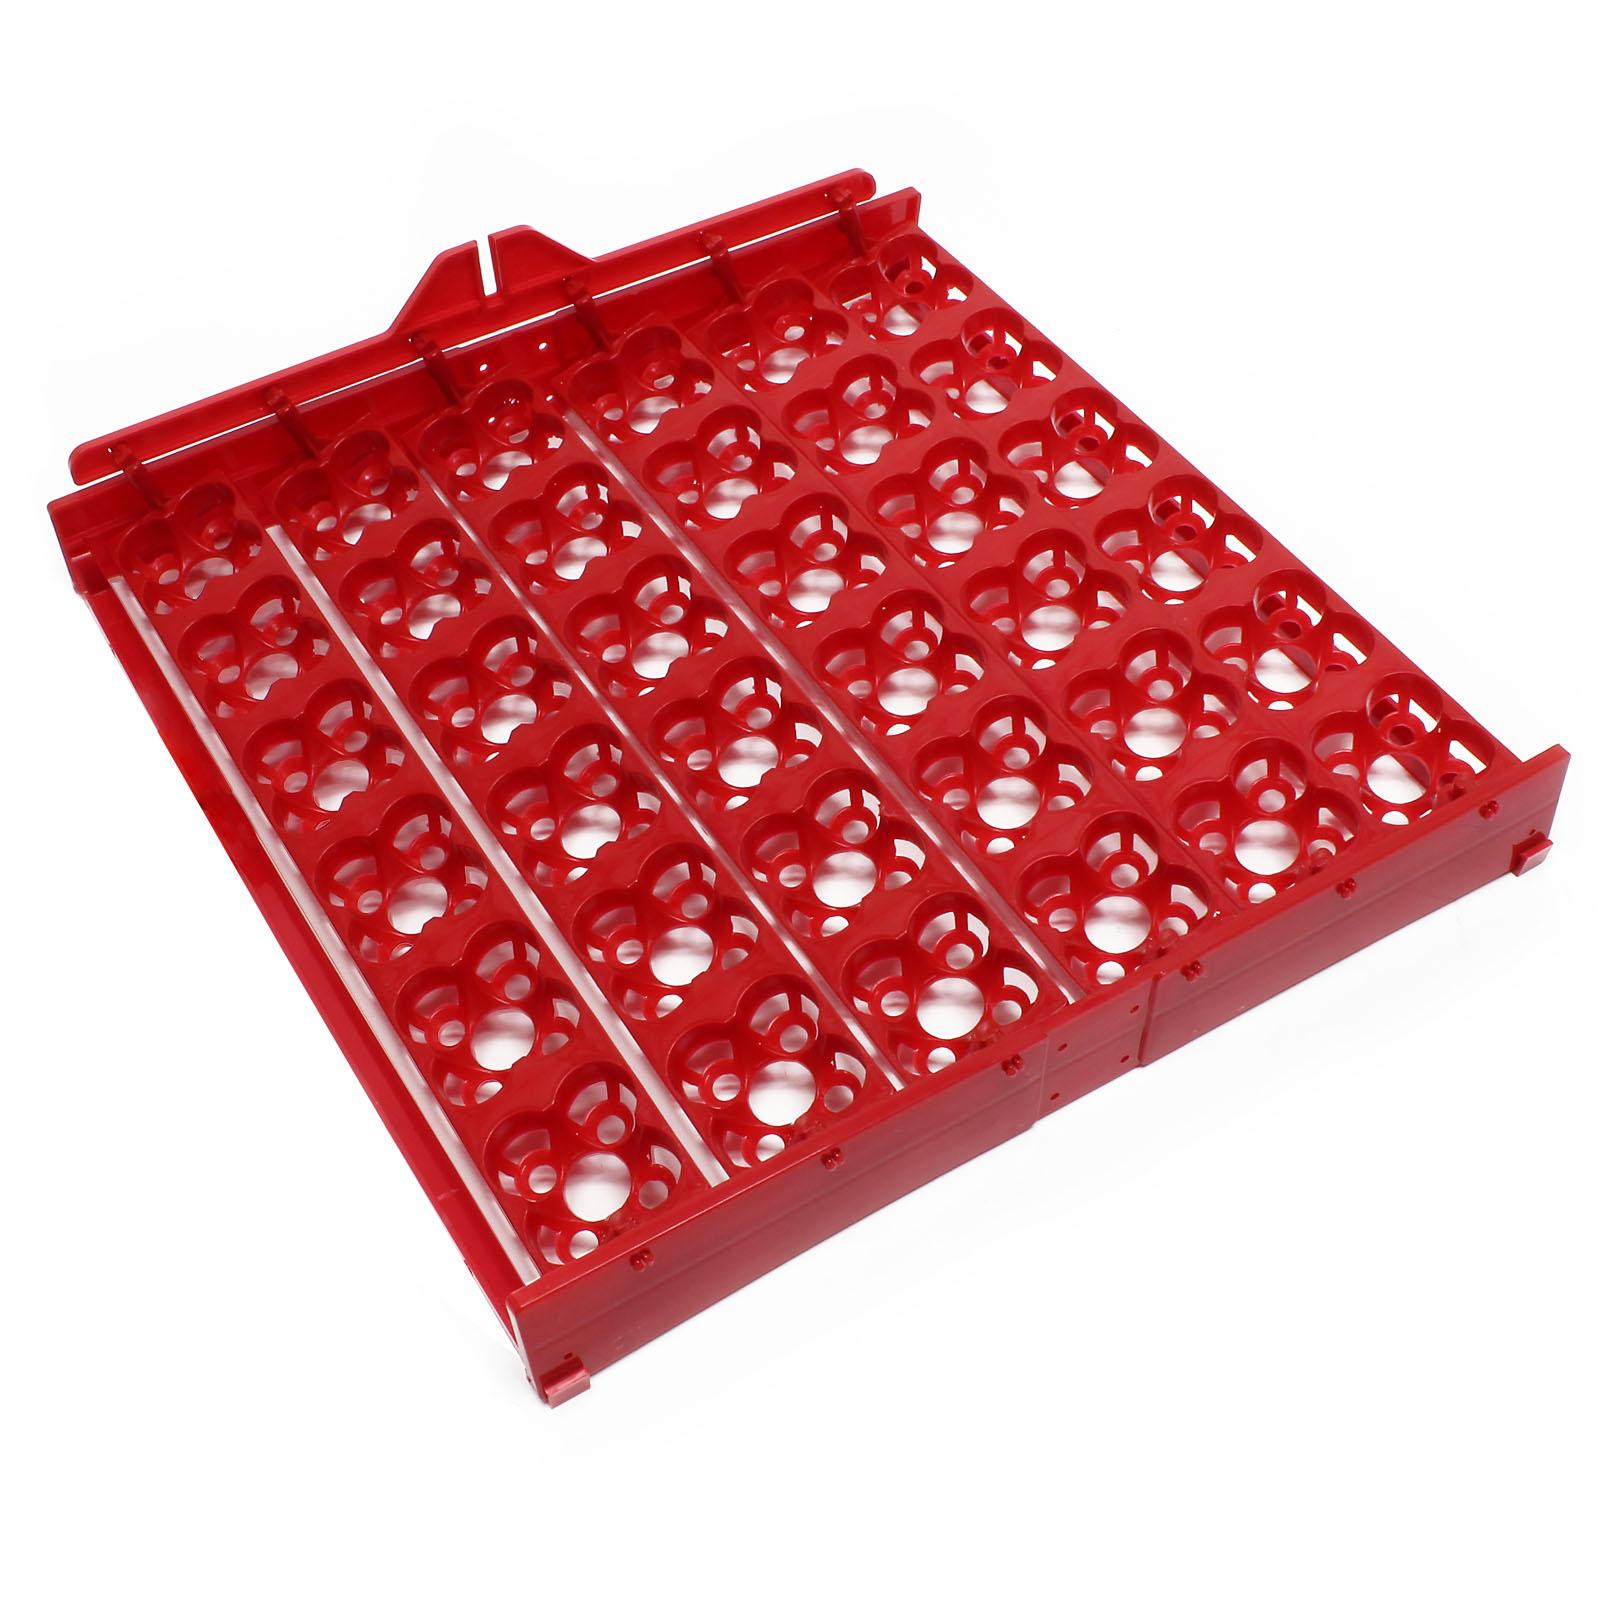 automatische brutmaschine 36 eier ersatzteil einsatz inkubator eierbr ter br ter ebay. Black Bedroom Furniture Sets. Home Design Ideas